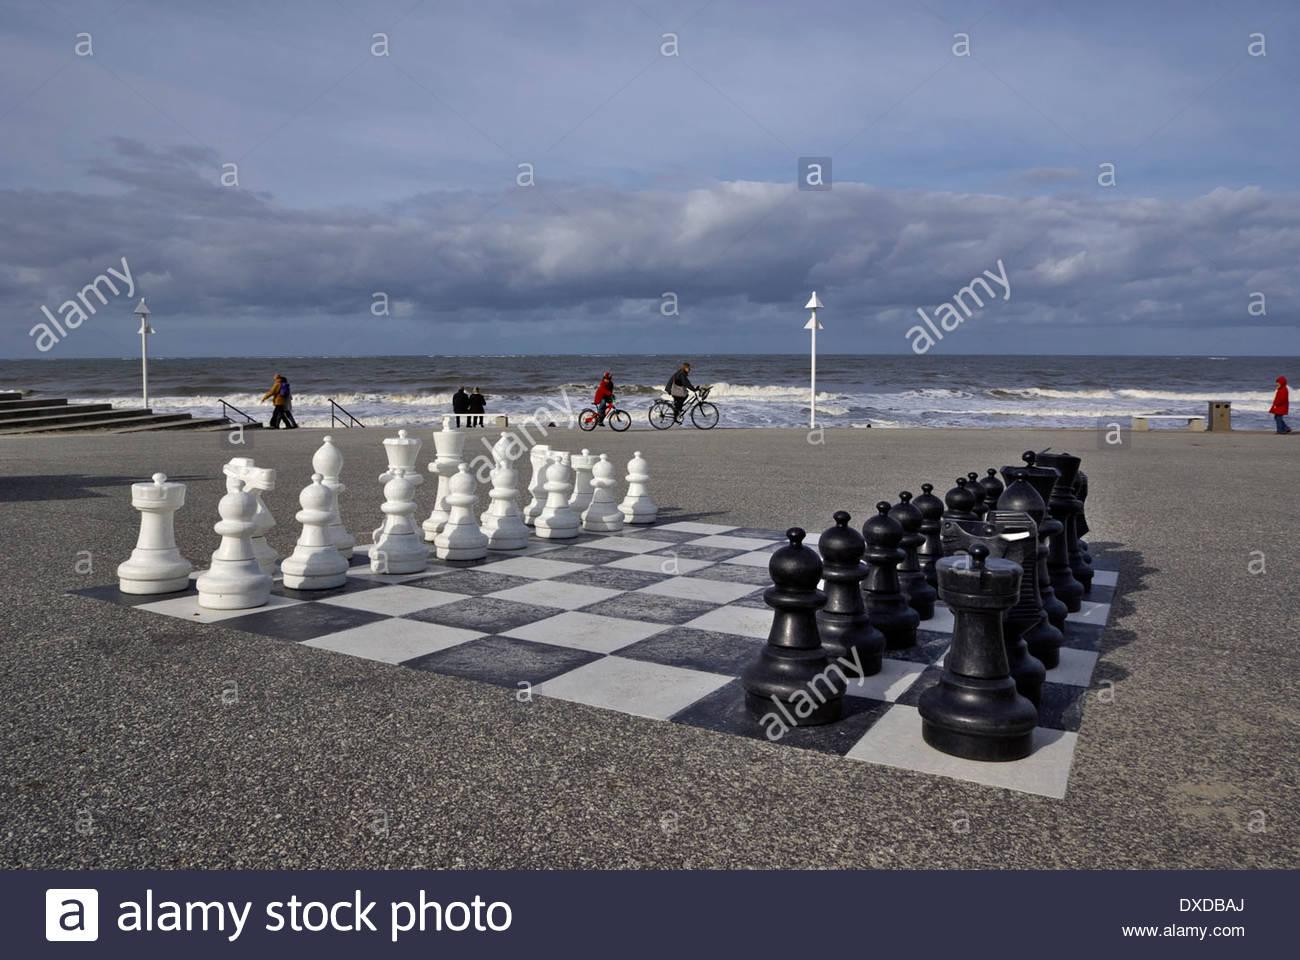 Persone sedersi, ciclo e passeggiata in riva al mare in Norderney, grande scacchiera in primo piano. Immagini Stock